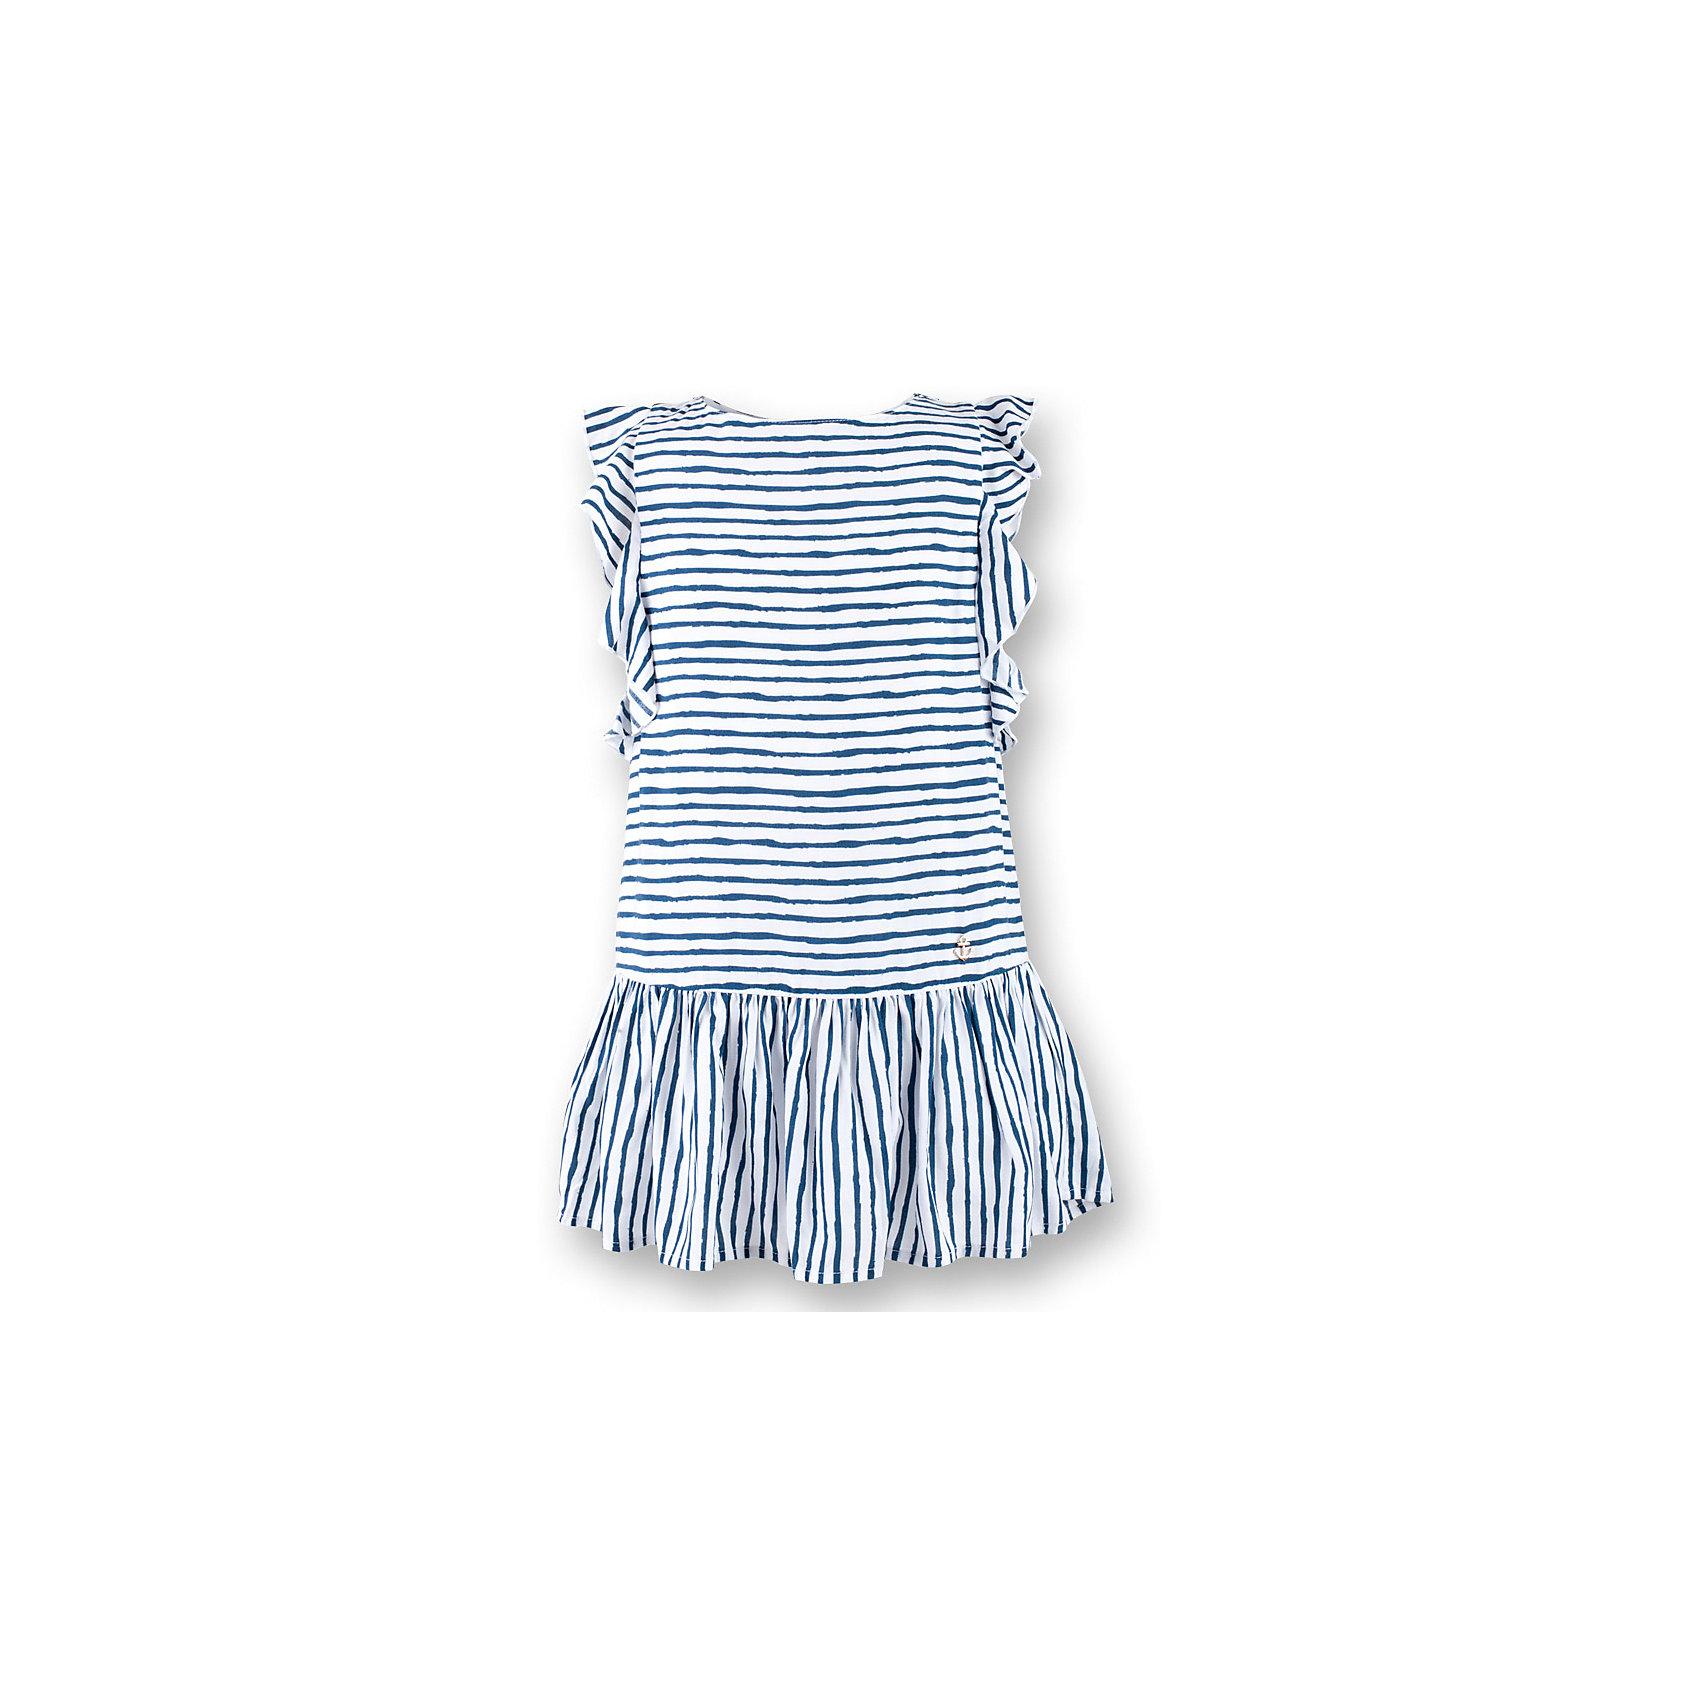 Платье для девочки  BUTTON BLUEПлатья и сарафаны<br>Платье для девочки  BUTTON BLUE<br>Прекрасный летний вариант -  текстильное платье в полоску на тонкой хлопковой подкладке. Модный силуэт, комфортная форма, выразительные детали делают платье для девочки отличным решением для каждого дня лета. Если вы хотите приобрести одновременно и красивую, и практичную, и удобную вещь, вам стоит купить детское платье от Button Blue. Низкая цена не окажет влияния на бюджет семьи, позволив создать интересный базовый гардероб для долгожданных каникул!<br>Состав:<br>Ткань  верха: 100%  вискоза подклад: 100% хлопок<br><br>Ширина мм: 236<br>Глубина мм: 16<br>Высота мм: 184<br>Вес г: 177<br>Цвет: синий<br>Возраст от месяцев: 60<br>Возраст до месяцев: 72<br>Пол: Женский<br>Возраст: Детский<br>Размер: 116,122,128,134,140,152,158,98,104,110<br>SKU: 5523353